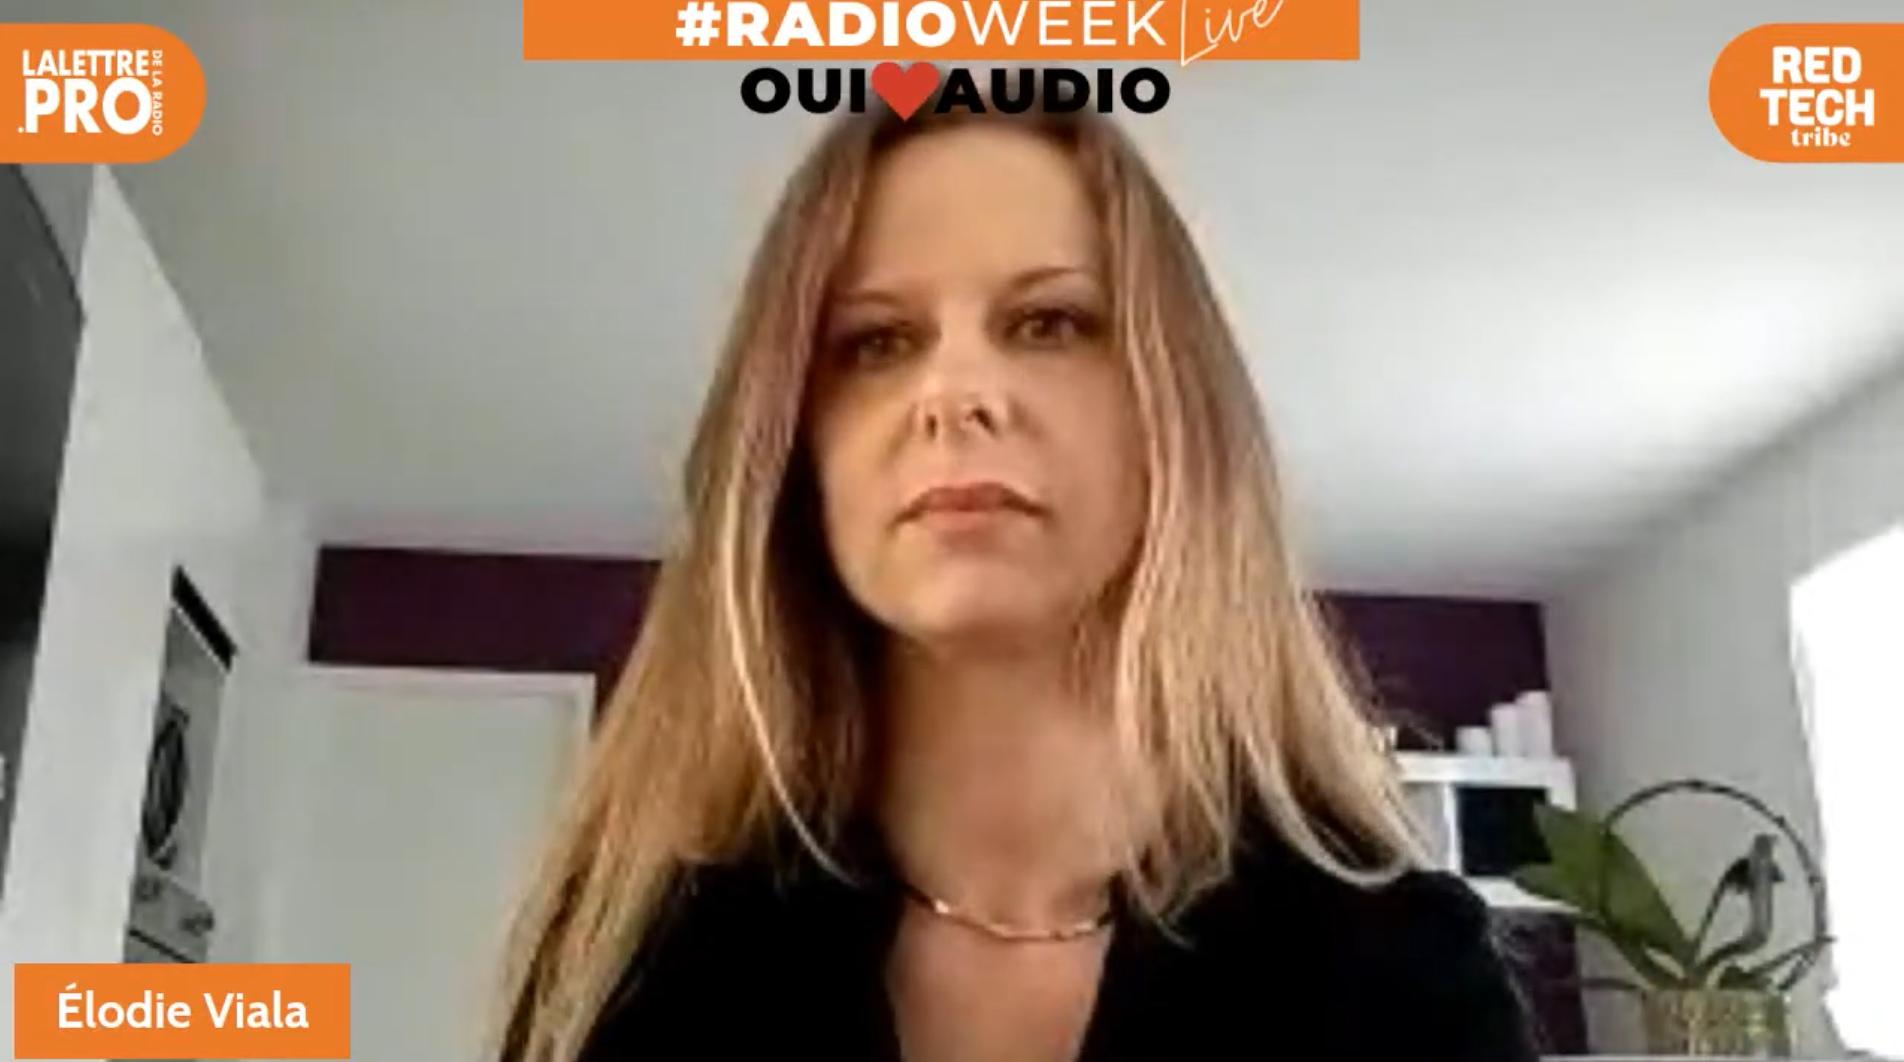 Élodie Viala est commercial à la régie Oxymédia qui commercialise le réseau régional Totem. Lors de la #RadioWeek, Élodie  a partagé son expérience depuis le début de la crise sanitaire...